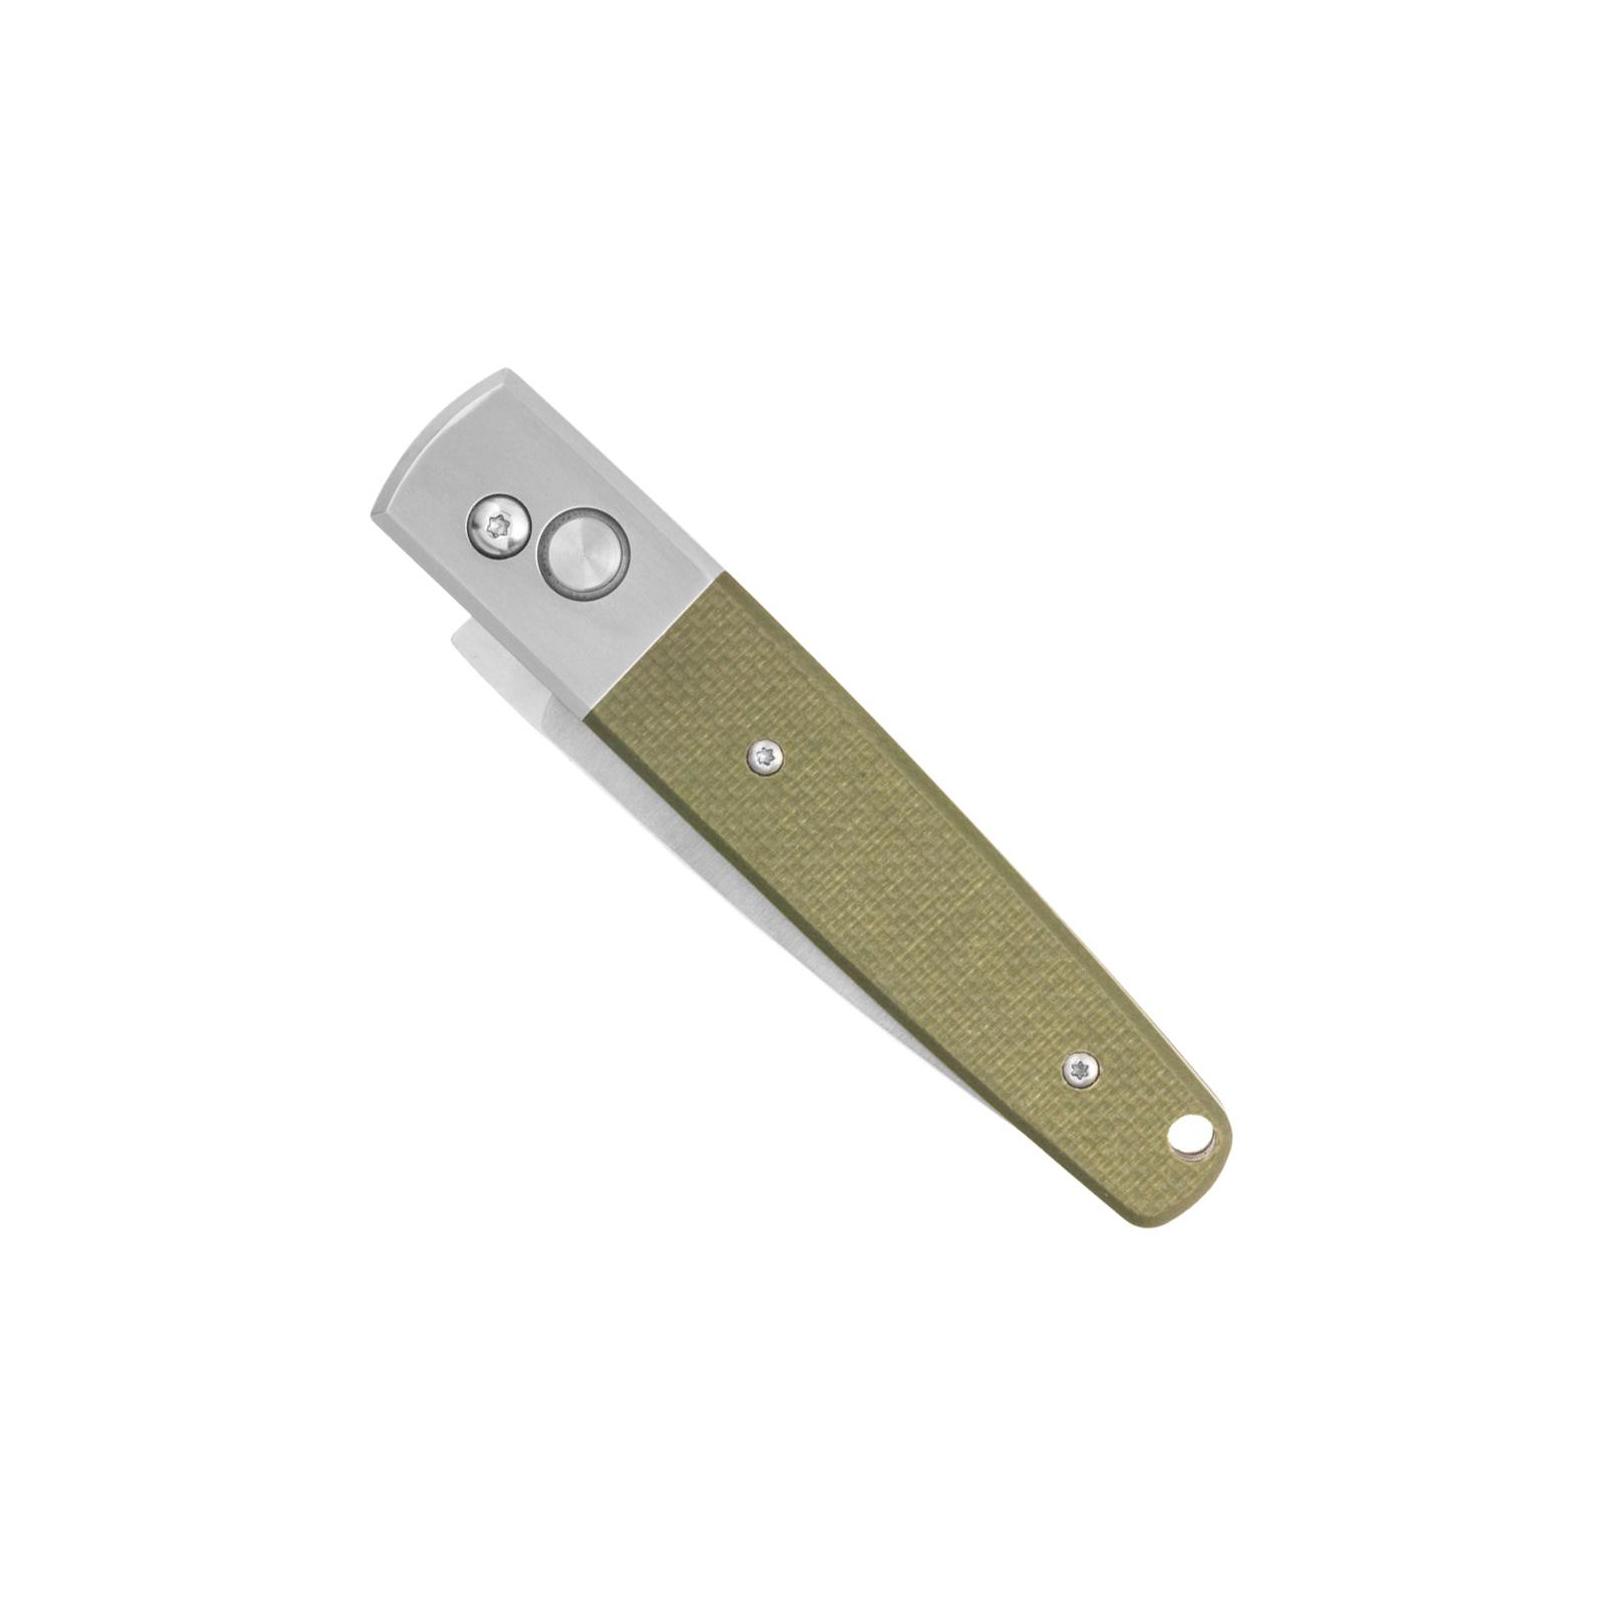 Нож Ganzo G7211 зеленый (G7211-GR) изображение 3